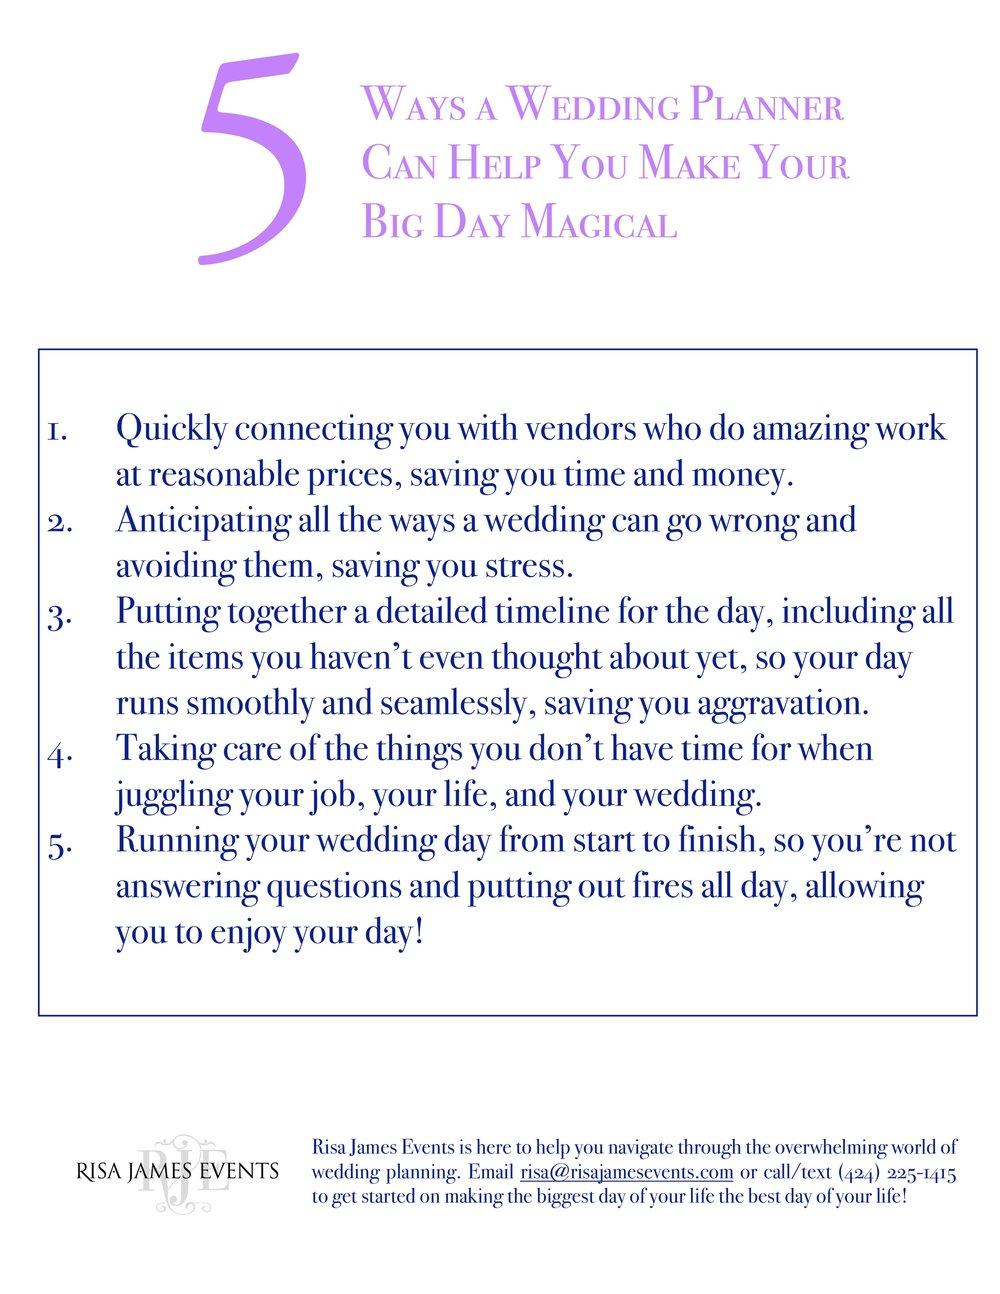 5 Ways Wedding Planner Can Help .jpg